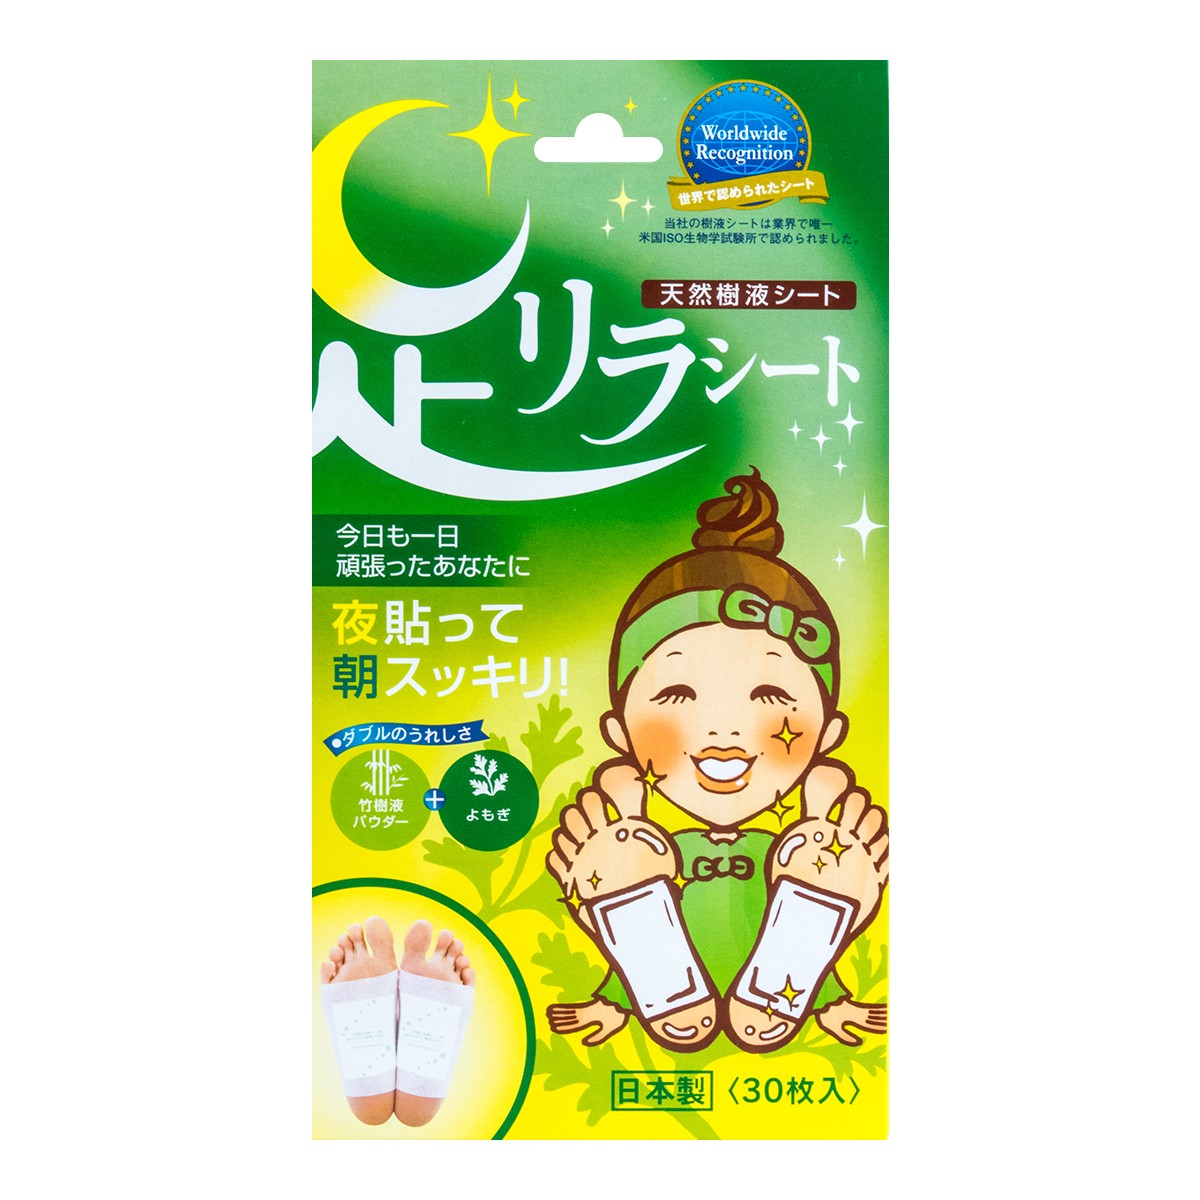 日本树之惠 天然树液艾草排毒足贴 30枚入